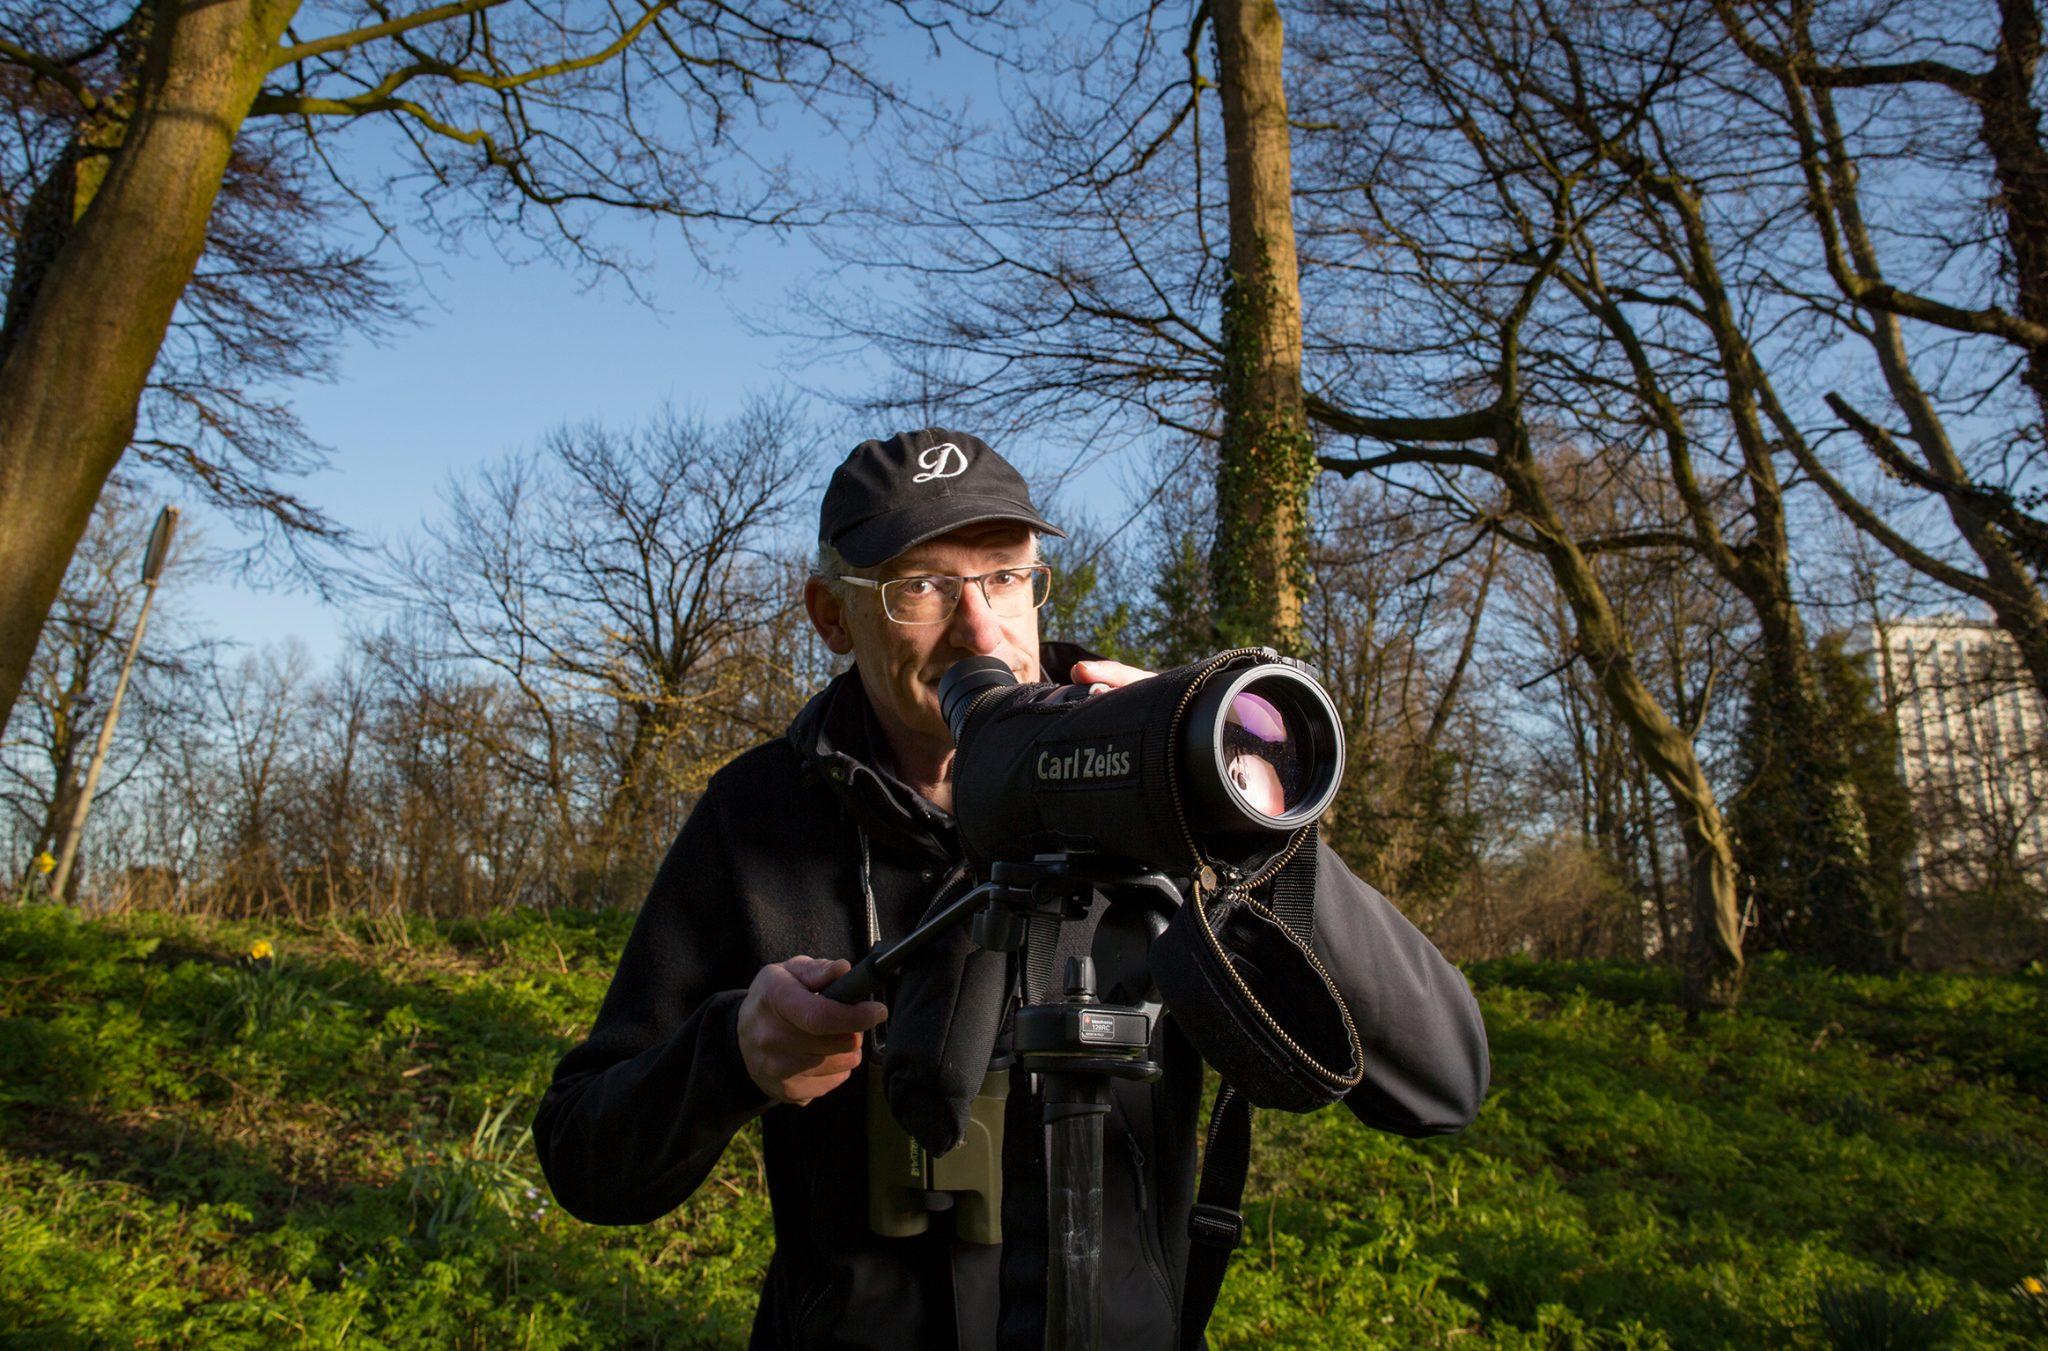 Vogelaar en HR docent Servaas in het Euromastpark.